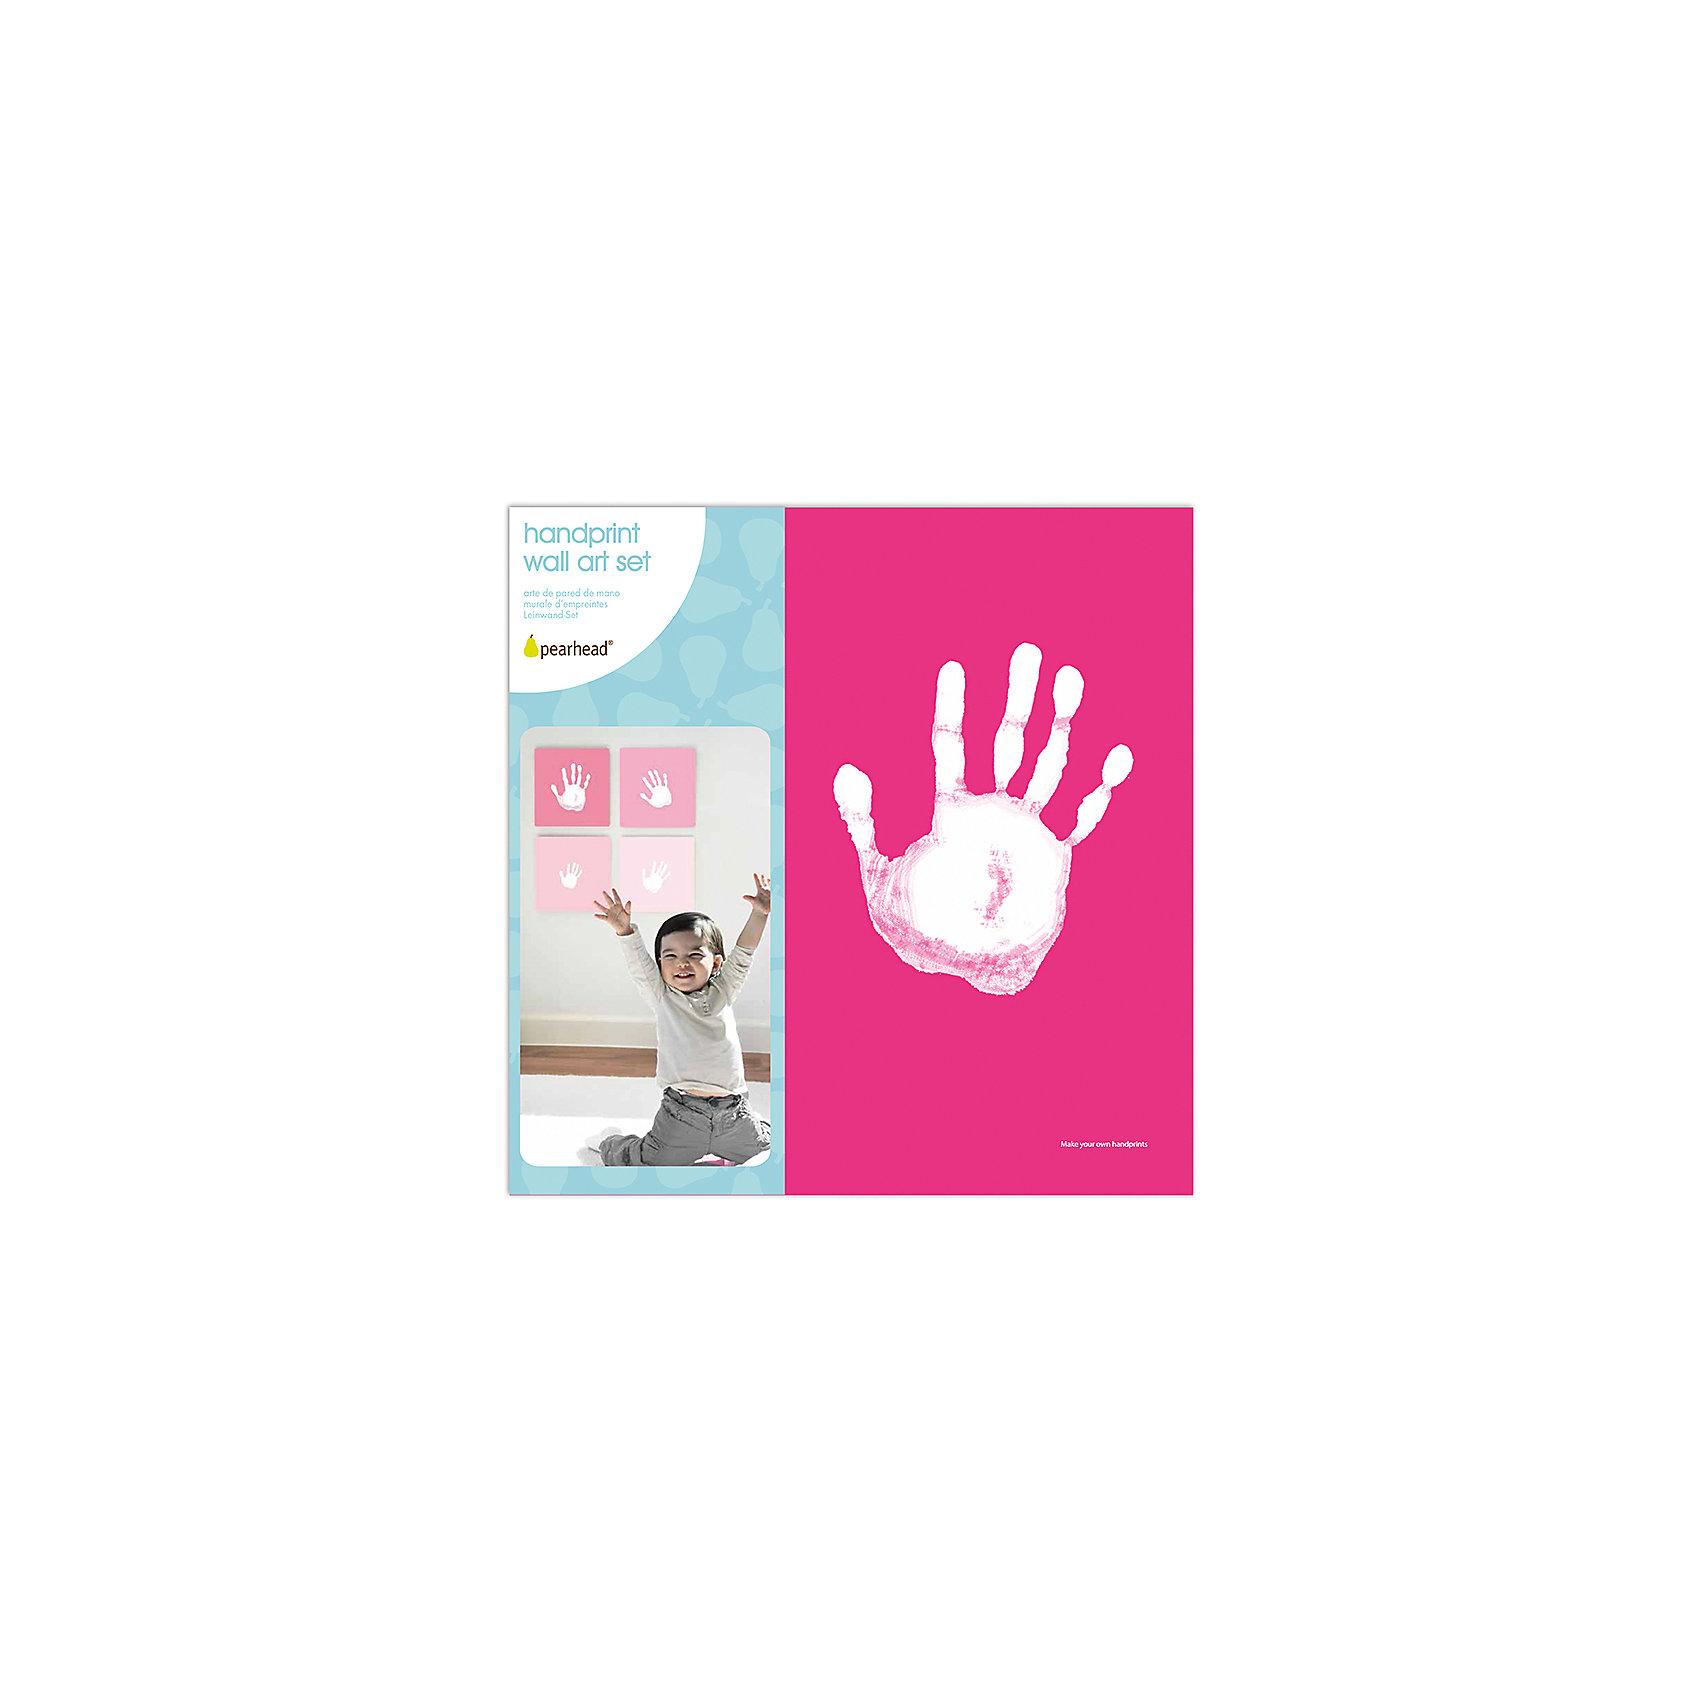 Отпечаток на холсте, PearheadПредметы интерьера<br>Характеристики:<br><br>• Пол: для девочки<br>• Цвет: оттенки розового<br>• Материал: текстиль, краски, пластик<br>• Комплектация: 4 холста в розовых оттенках, белая краска, лоток для краски, инструкция<br>• Безопасные материалы<br>• Размеры (Д*Ш*В): 25*7*25 см <br>• Вес: 400 г <br>• Особенности ухода: допускается сухая чистка<br><br>Отпечаток на холсте, Pearhead от американского торгового бренда, который специализируется на создании подарочных наборов для новорожденных и их родителей. Инновационные технологии, которые используются при создании наборов для изготовления отпечатков являются безопасными и не вызывают аллергии. <br><br>Разработанная специальным образом краска ровно наносится на руку и легко смывается. В набор входит 4 холста, выполненных в розовых оттенках, белая краска и лоток. Набор позволяет создать целую домашнюю галерею из детско-взрослых отпечатков. Холсты выполнены в розовом цвете, поэтому они подойдут для создания отпечатков девочки. <br><br>Отпечаток на холсте, Pearhead можно купить в нашем интернет-магазине.<br><br>Ширина мм: 35<br>Глубина мм: 250<br>Высота мм: 250<br>Вес г: 916<br>Возраст от месяцев: 0<br>Возраст до месяцев: 84<br>Пол: Унисекс<br>Возраст: Детский<br>SKU: 5482407